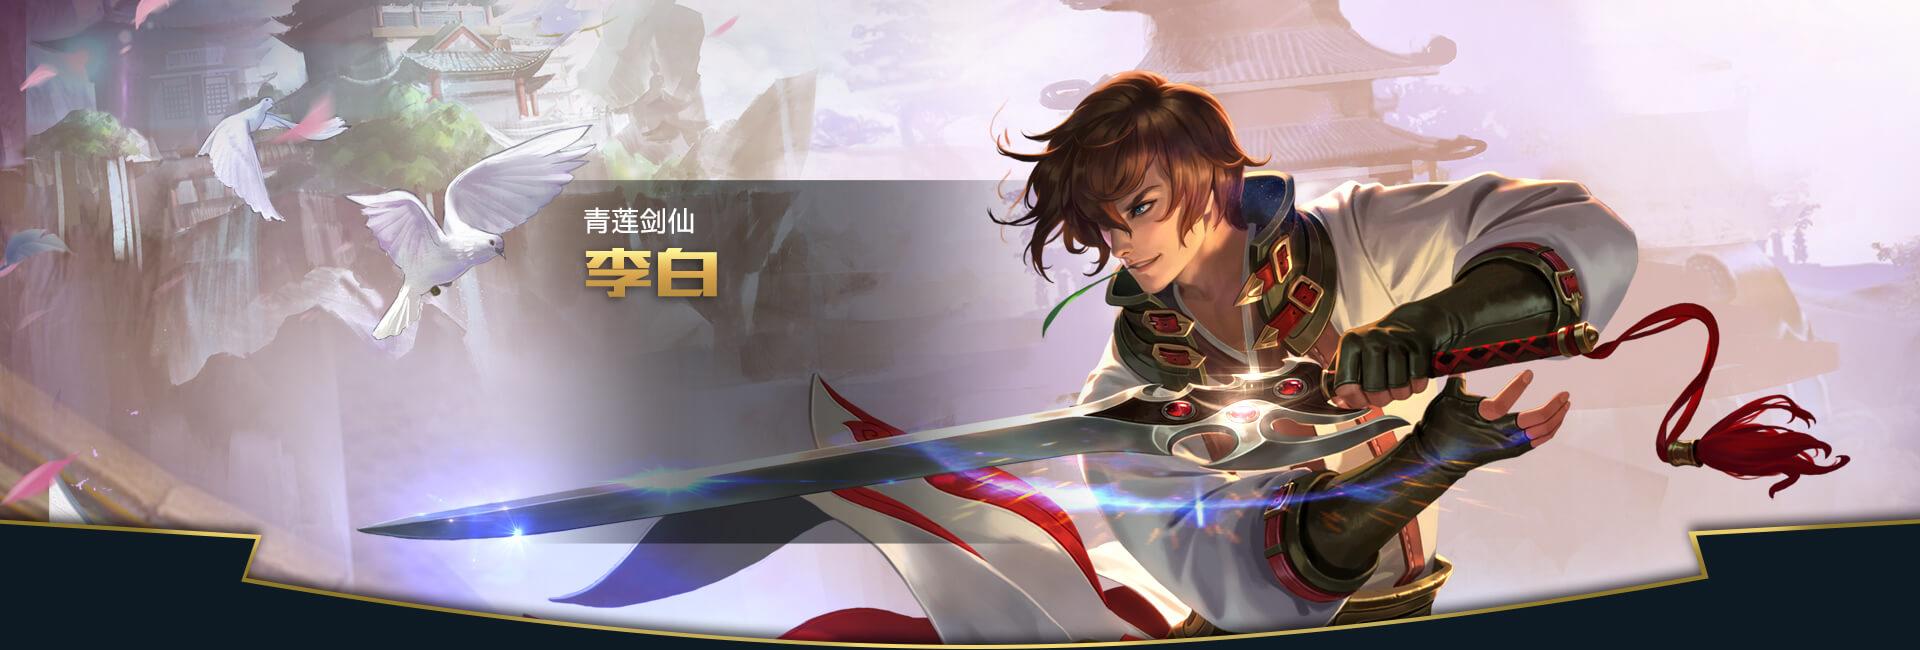 第2弹《王者荣耀英雄皮肤CG》竞技游戏107